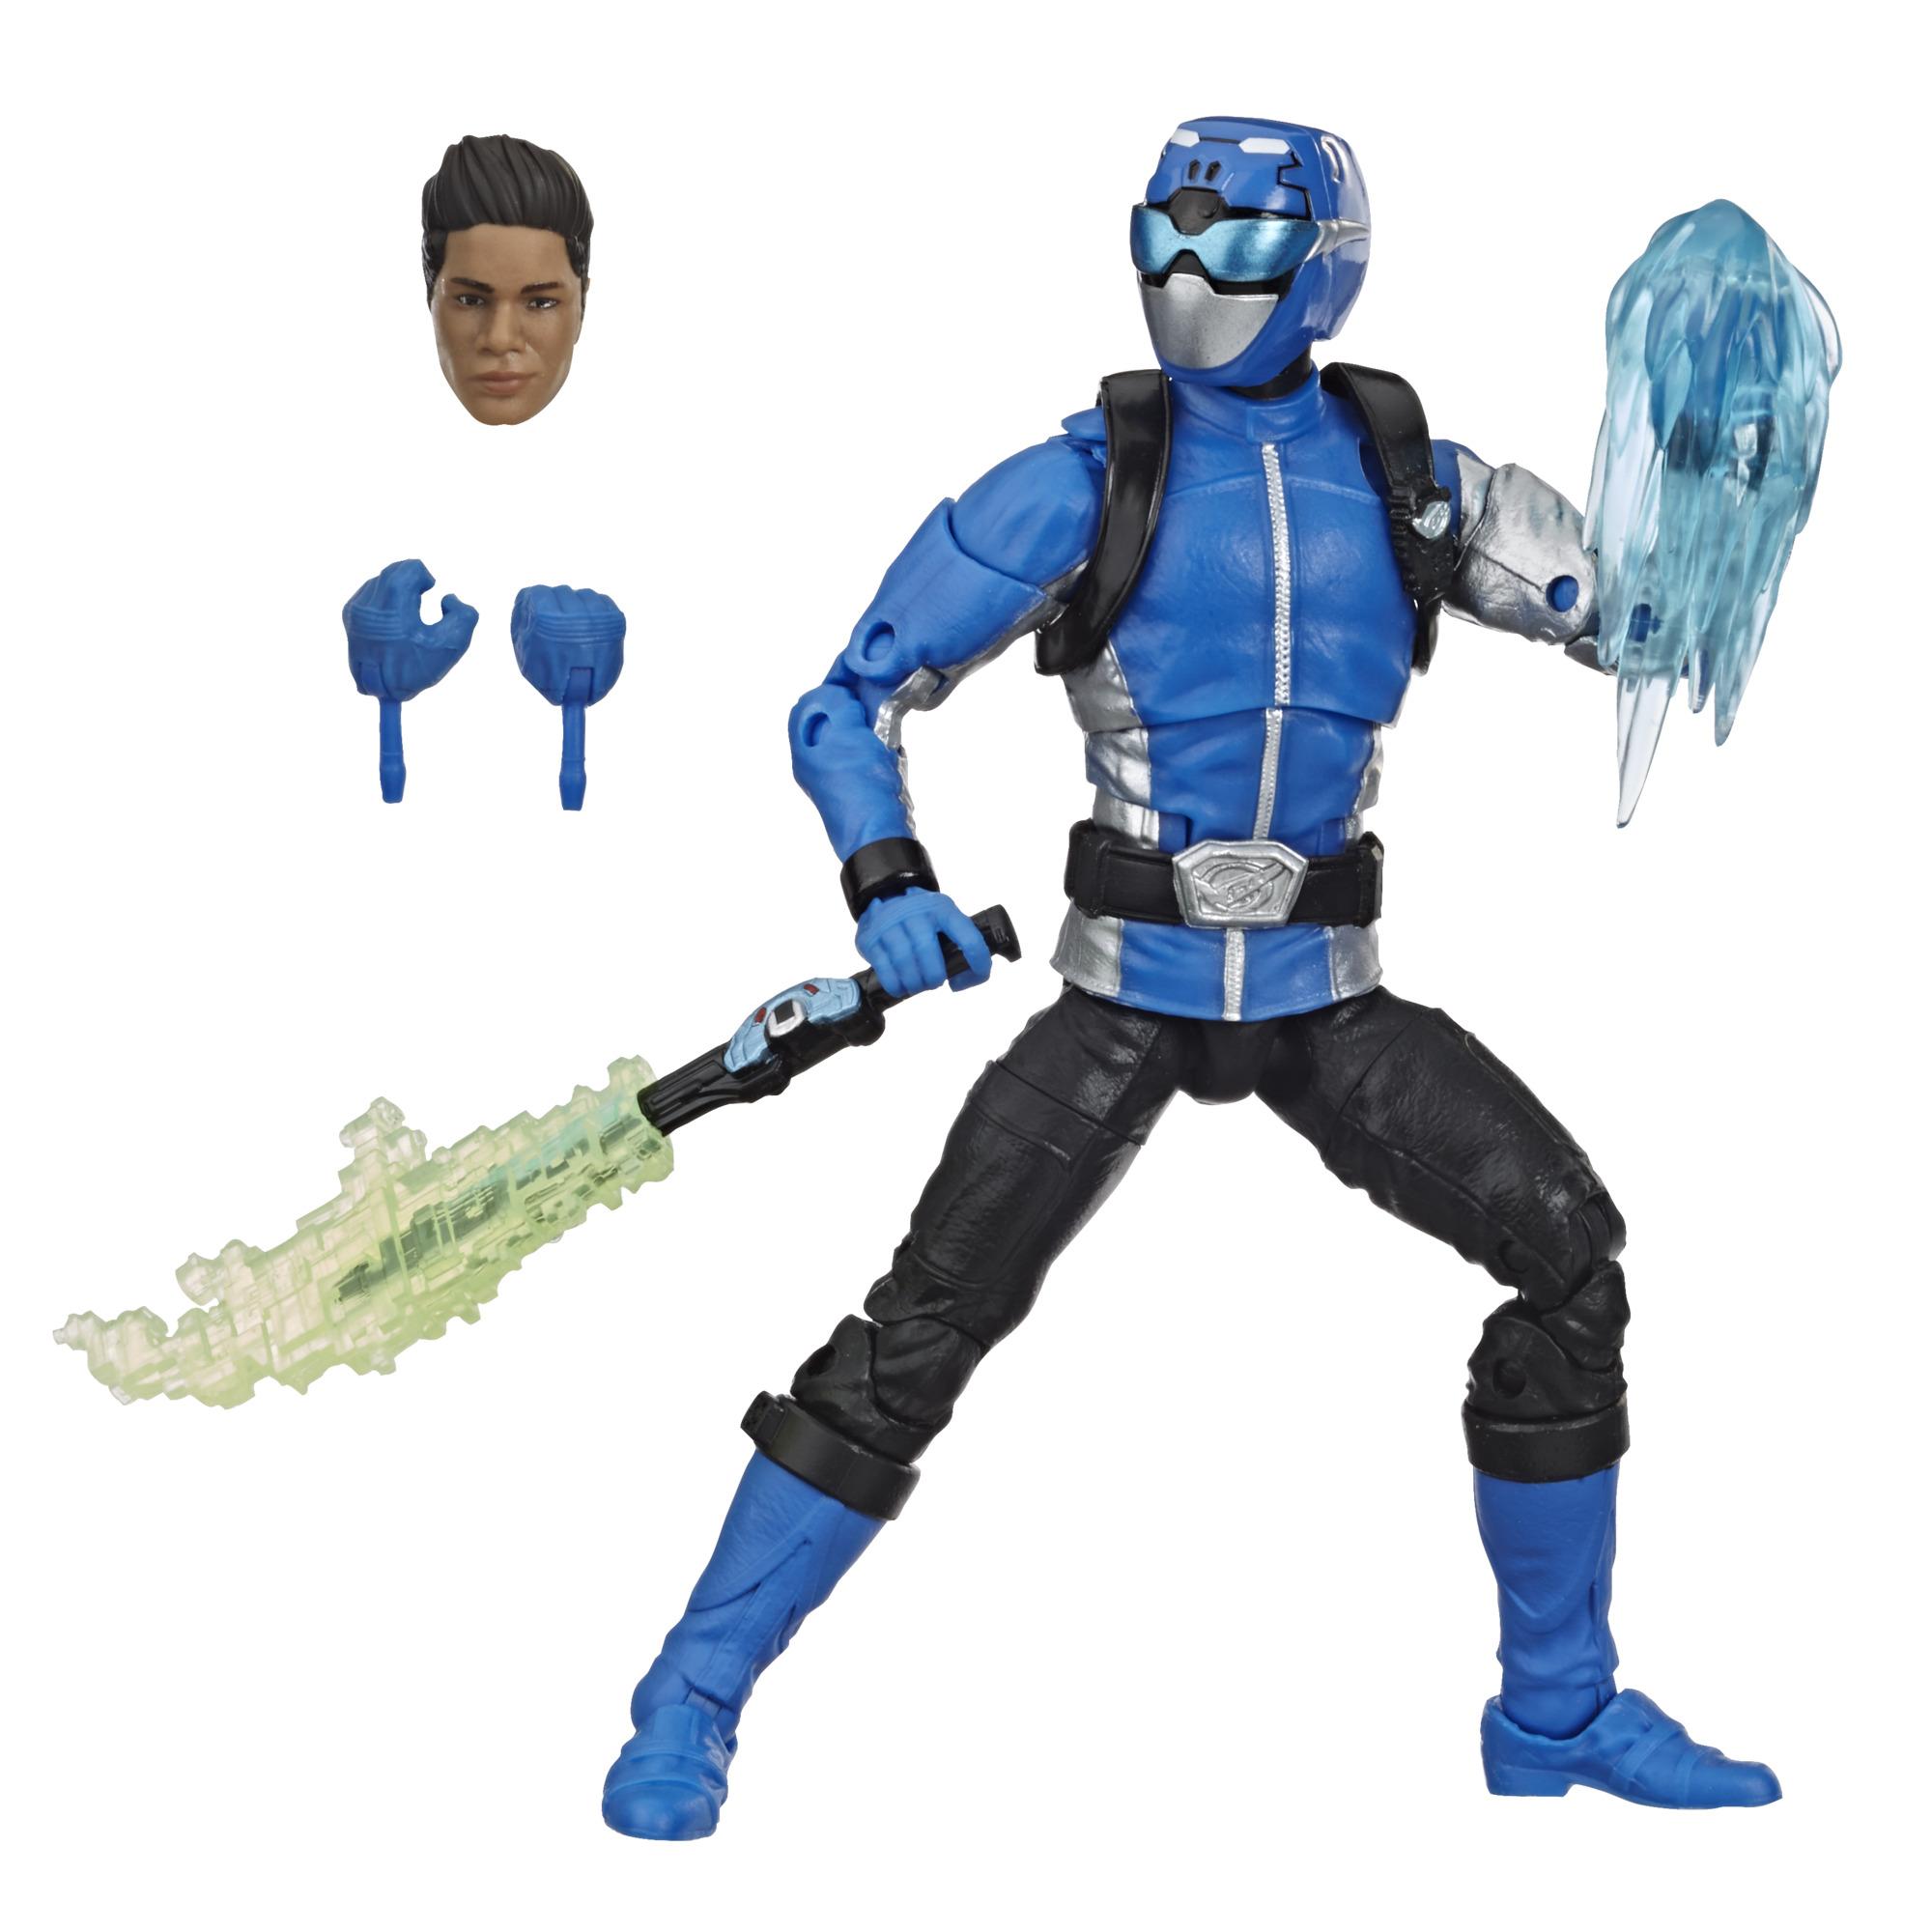 Power Rangers Hasbro Beast Morphers Blue ranger